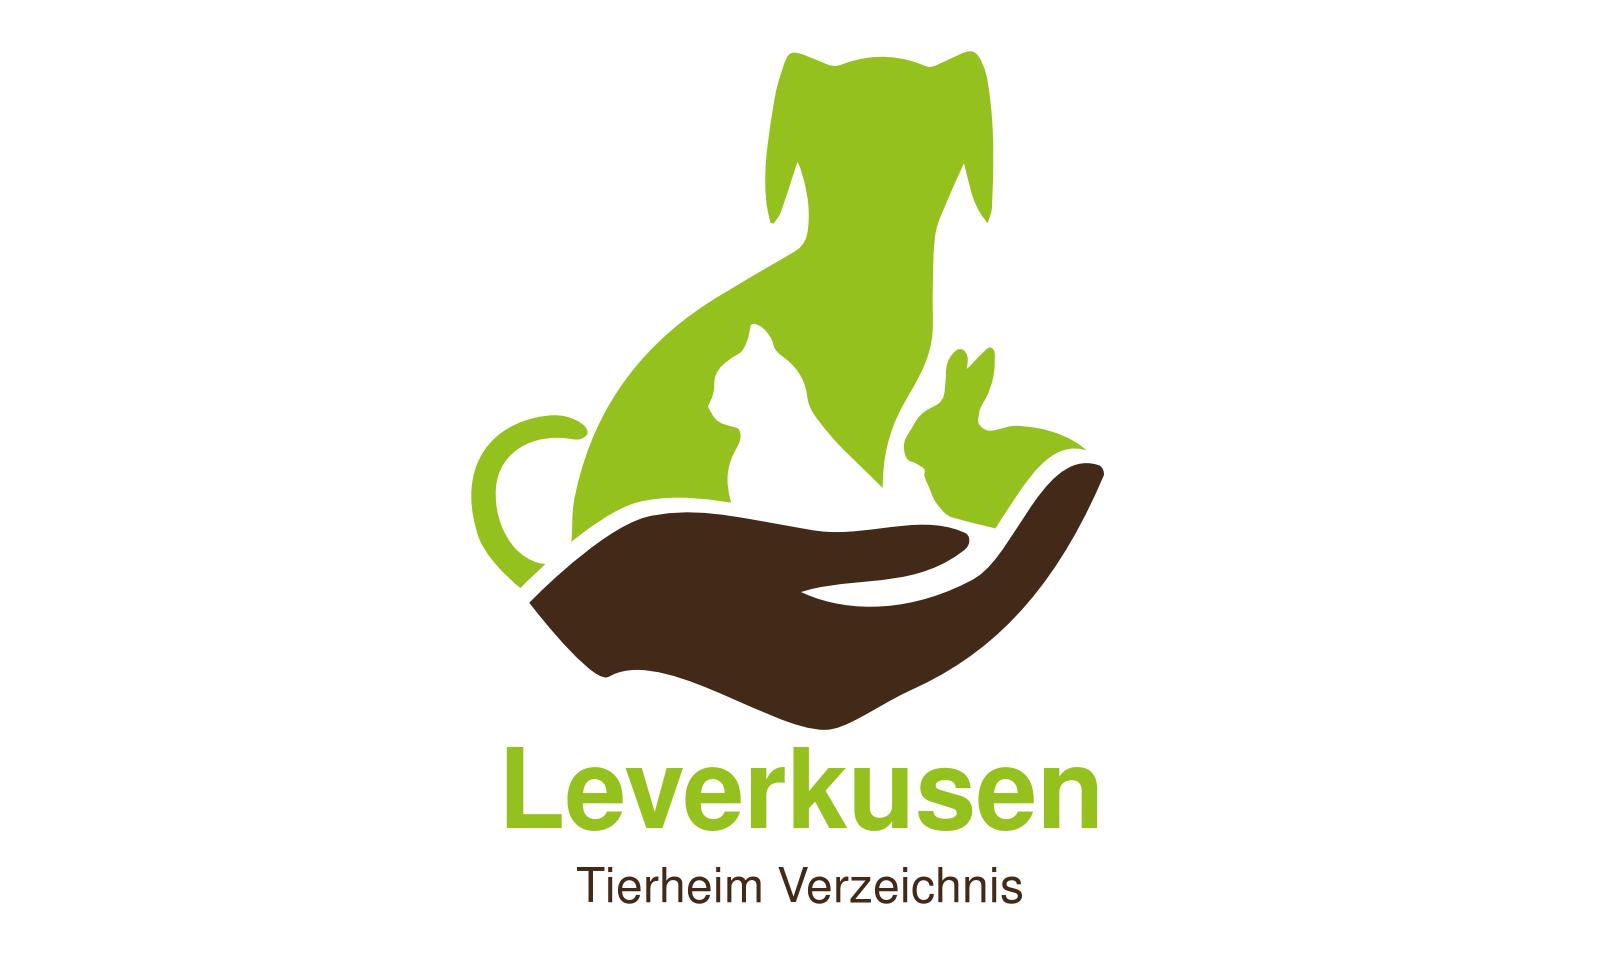 Tierheim Leverkusen